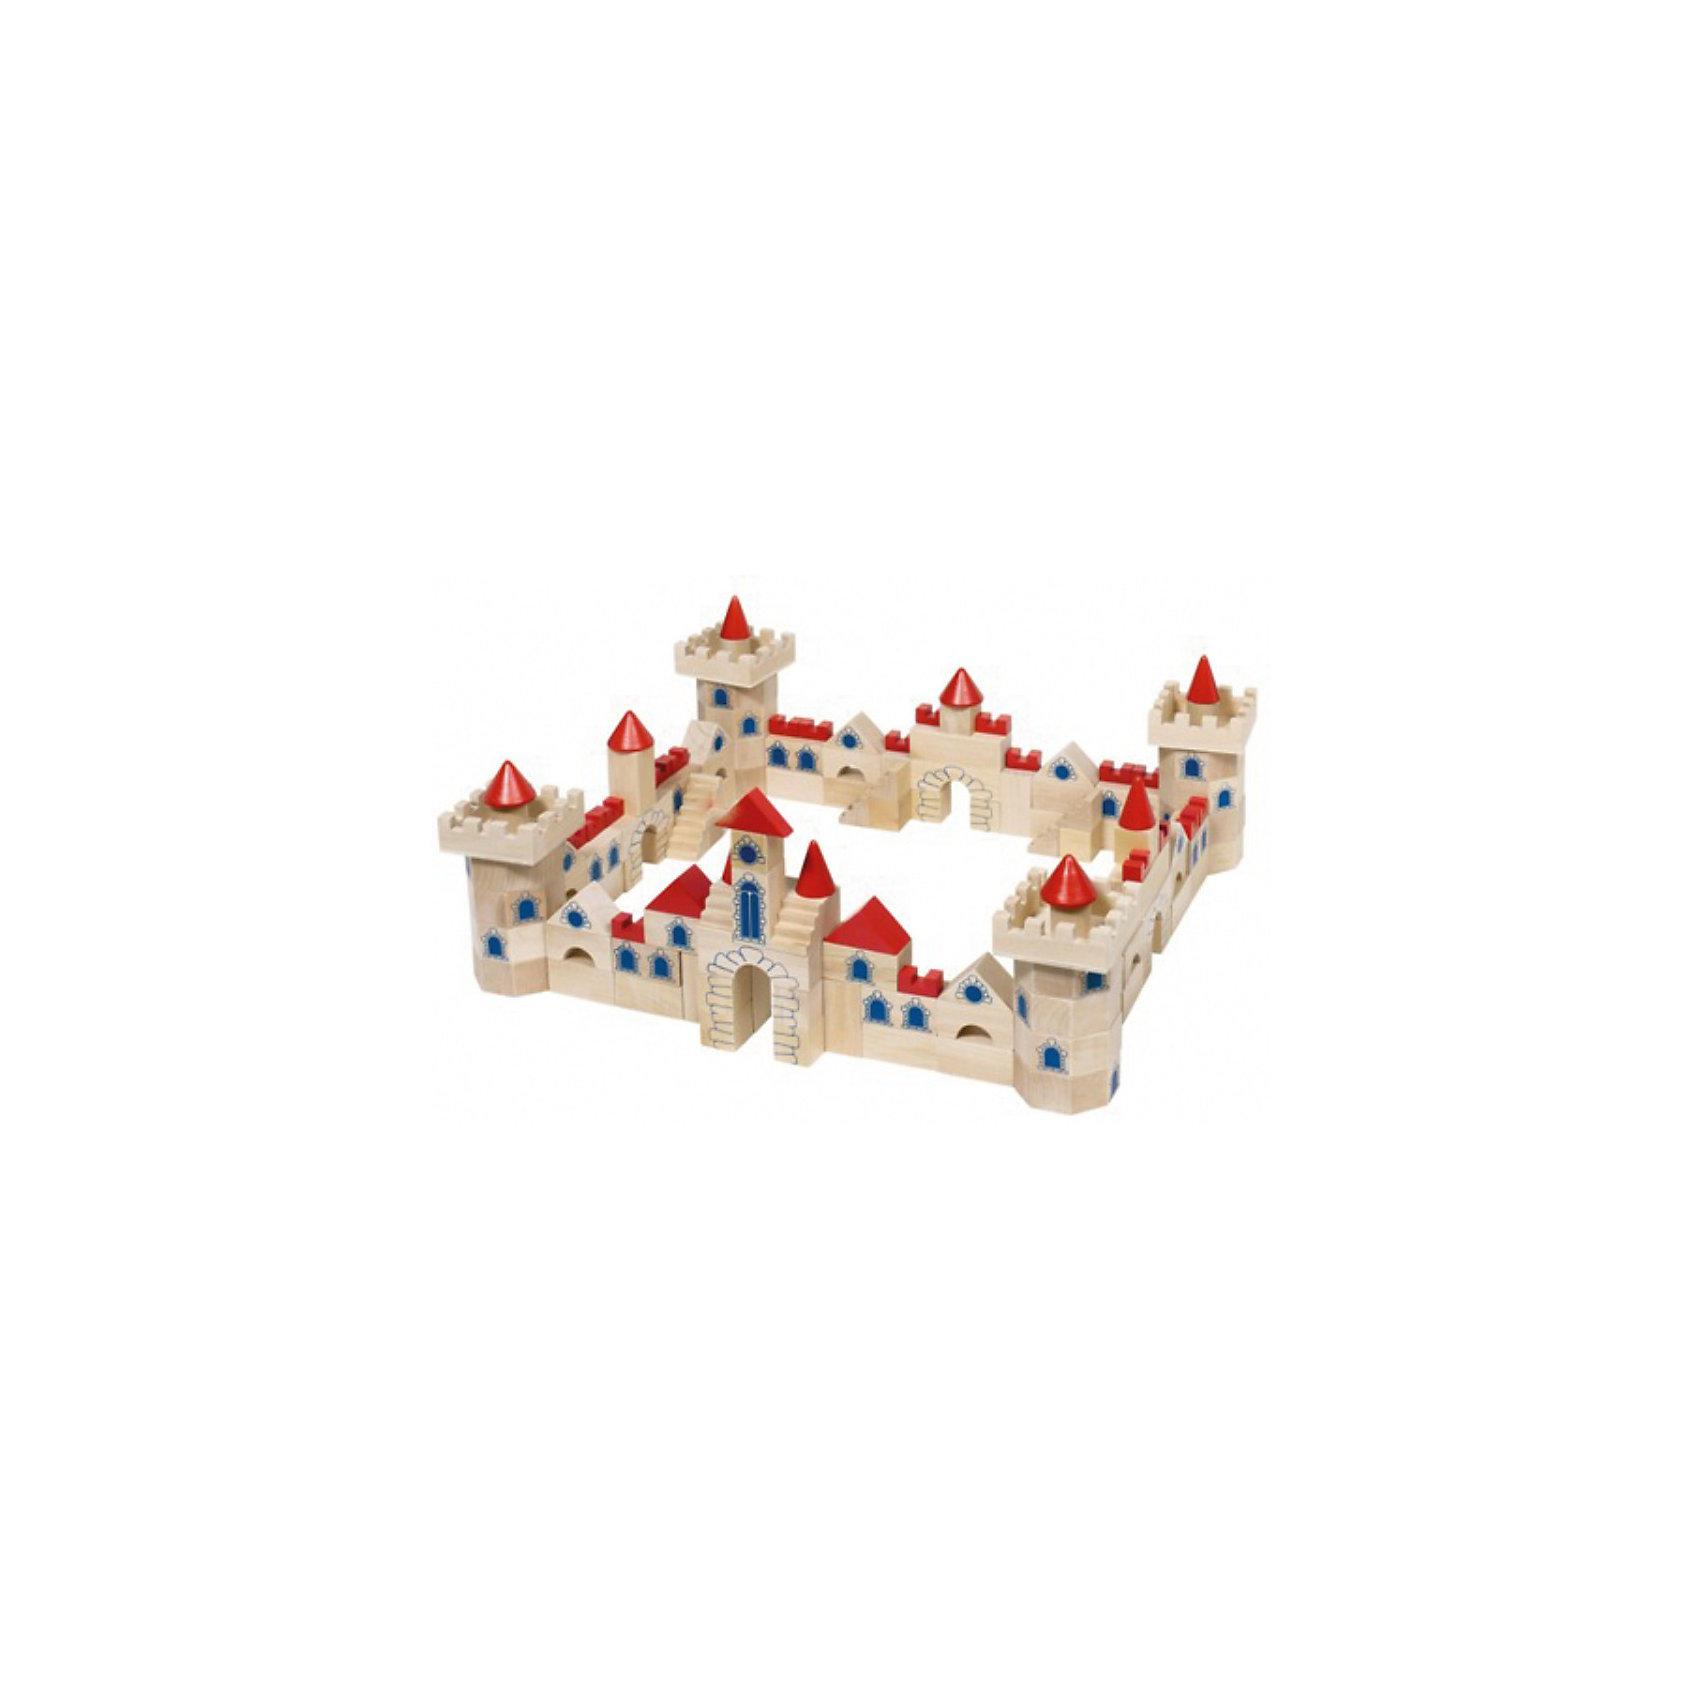 TOYS PURE Деревянный конструктор Рыцарский замокДеревянный конструктор для строительства большого замка из элементов различной формы и назначения. <br><br>Строительные блоки выполнены из гладкого неокрашенного дерева, на некоторых нарисованы контуры камней, окна. Кубики-блоки для крыш и башенных зубцов окрашены в ярко-красный цвет.<br><br>В комплекте блоки разнообразных форм – бруски, кубы, цилиндры, треугольники, конуса, шестигранники и другие.<br><br>Можно возвести настоящий рыцарский замок, как на упаковке, или придумать самому.<br><br>Игра со строительными кубиками развивает фантазию и воображение, пространственное представление, конструкторские способности и логическое мышление, а также мелкую моторику рук, ловкость и координацию движений.<br><br>Дополнительная информация:<br><br>Кубики уложены в удобный деревянный ящичек со сдвижной крышкой.<br><br>В комплекте 145 блоков различной формы.<br><br>Материал дерево – экологически чистый материал, стойкие безопасные краски.<br><br>Размер упаковки: 42,5 х 27 х 7 см.<br><br>Вес с упаковкой: 3,7 кг.<br><br>Построй замок своей мечты!<br><br>Ширина мм: 415<br>Глубина мм: 64<br>Высота мм: 256<br>Вес г: 3696<br>Возраст от месяцев: 36<br>Возраст до месяцев: 72<br>Пол: Мужской<br>Возраст: Детский<br>SKU: 2328673